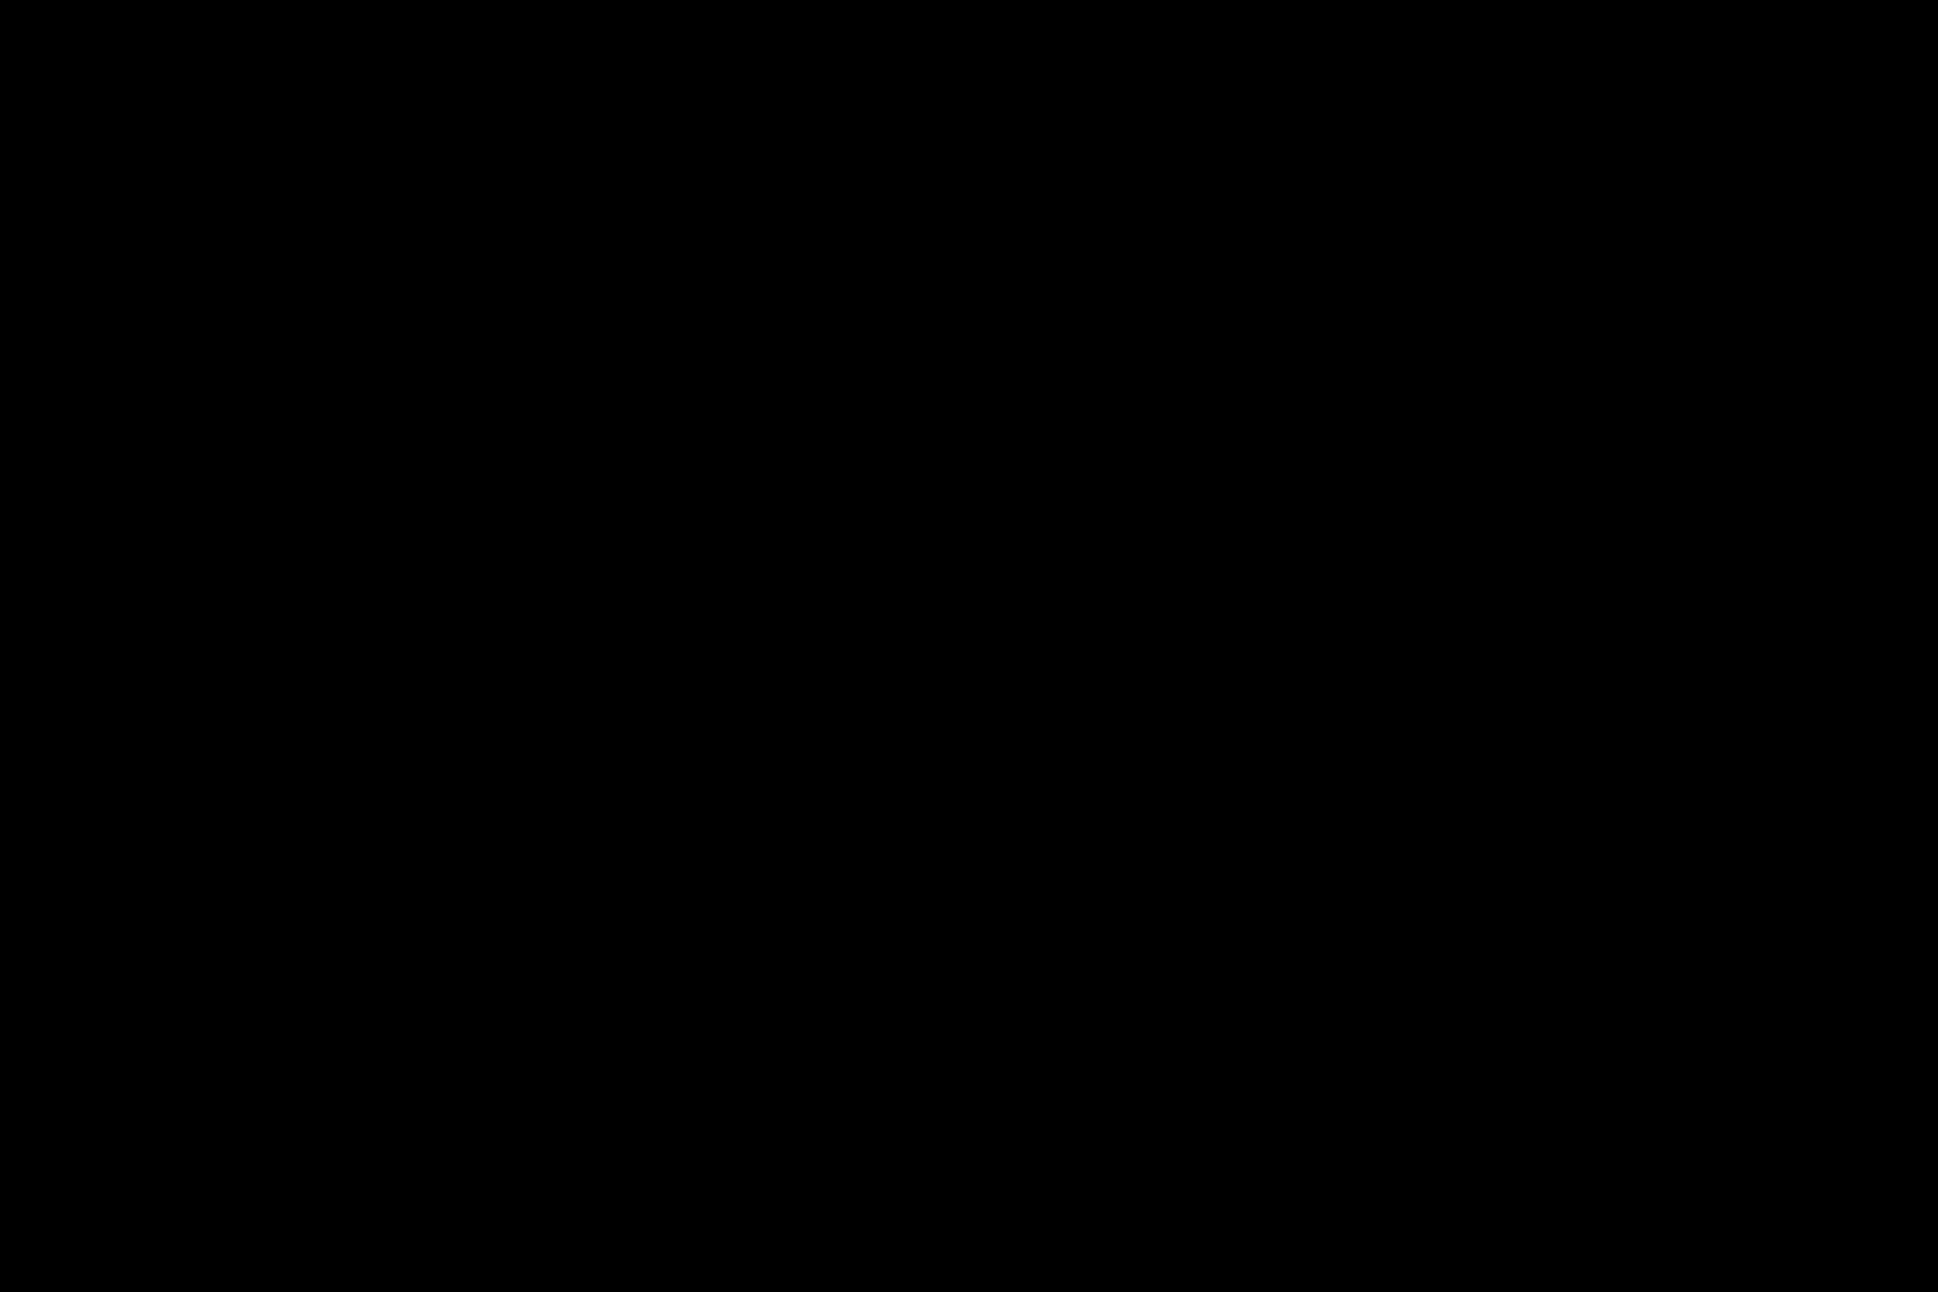 i69a0129